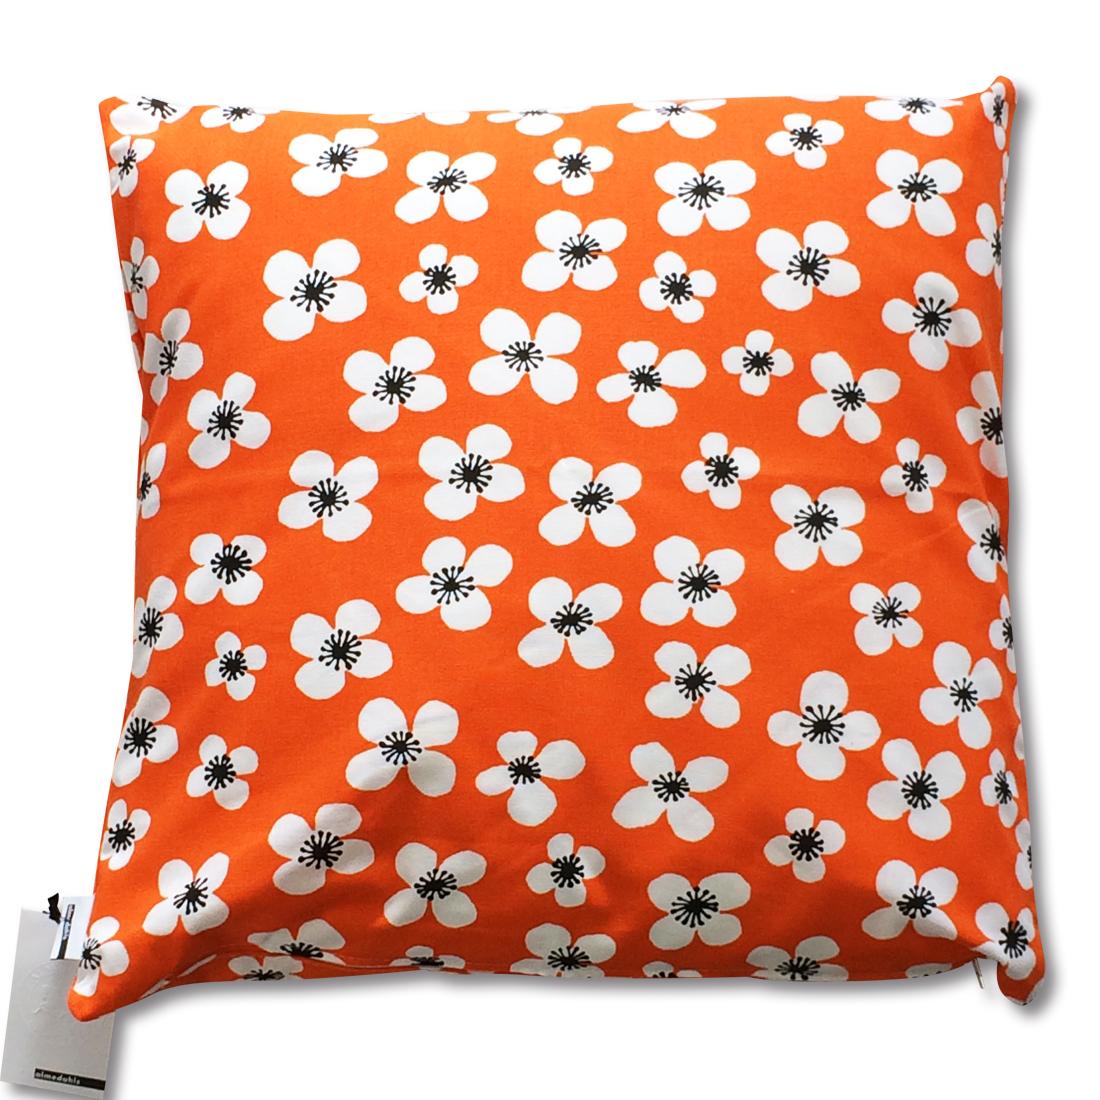 クッション Belle Amie オレンジ 約45×45cm